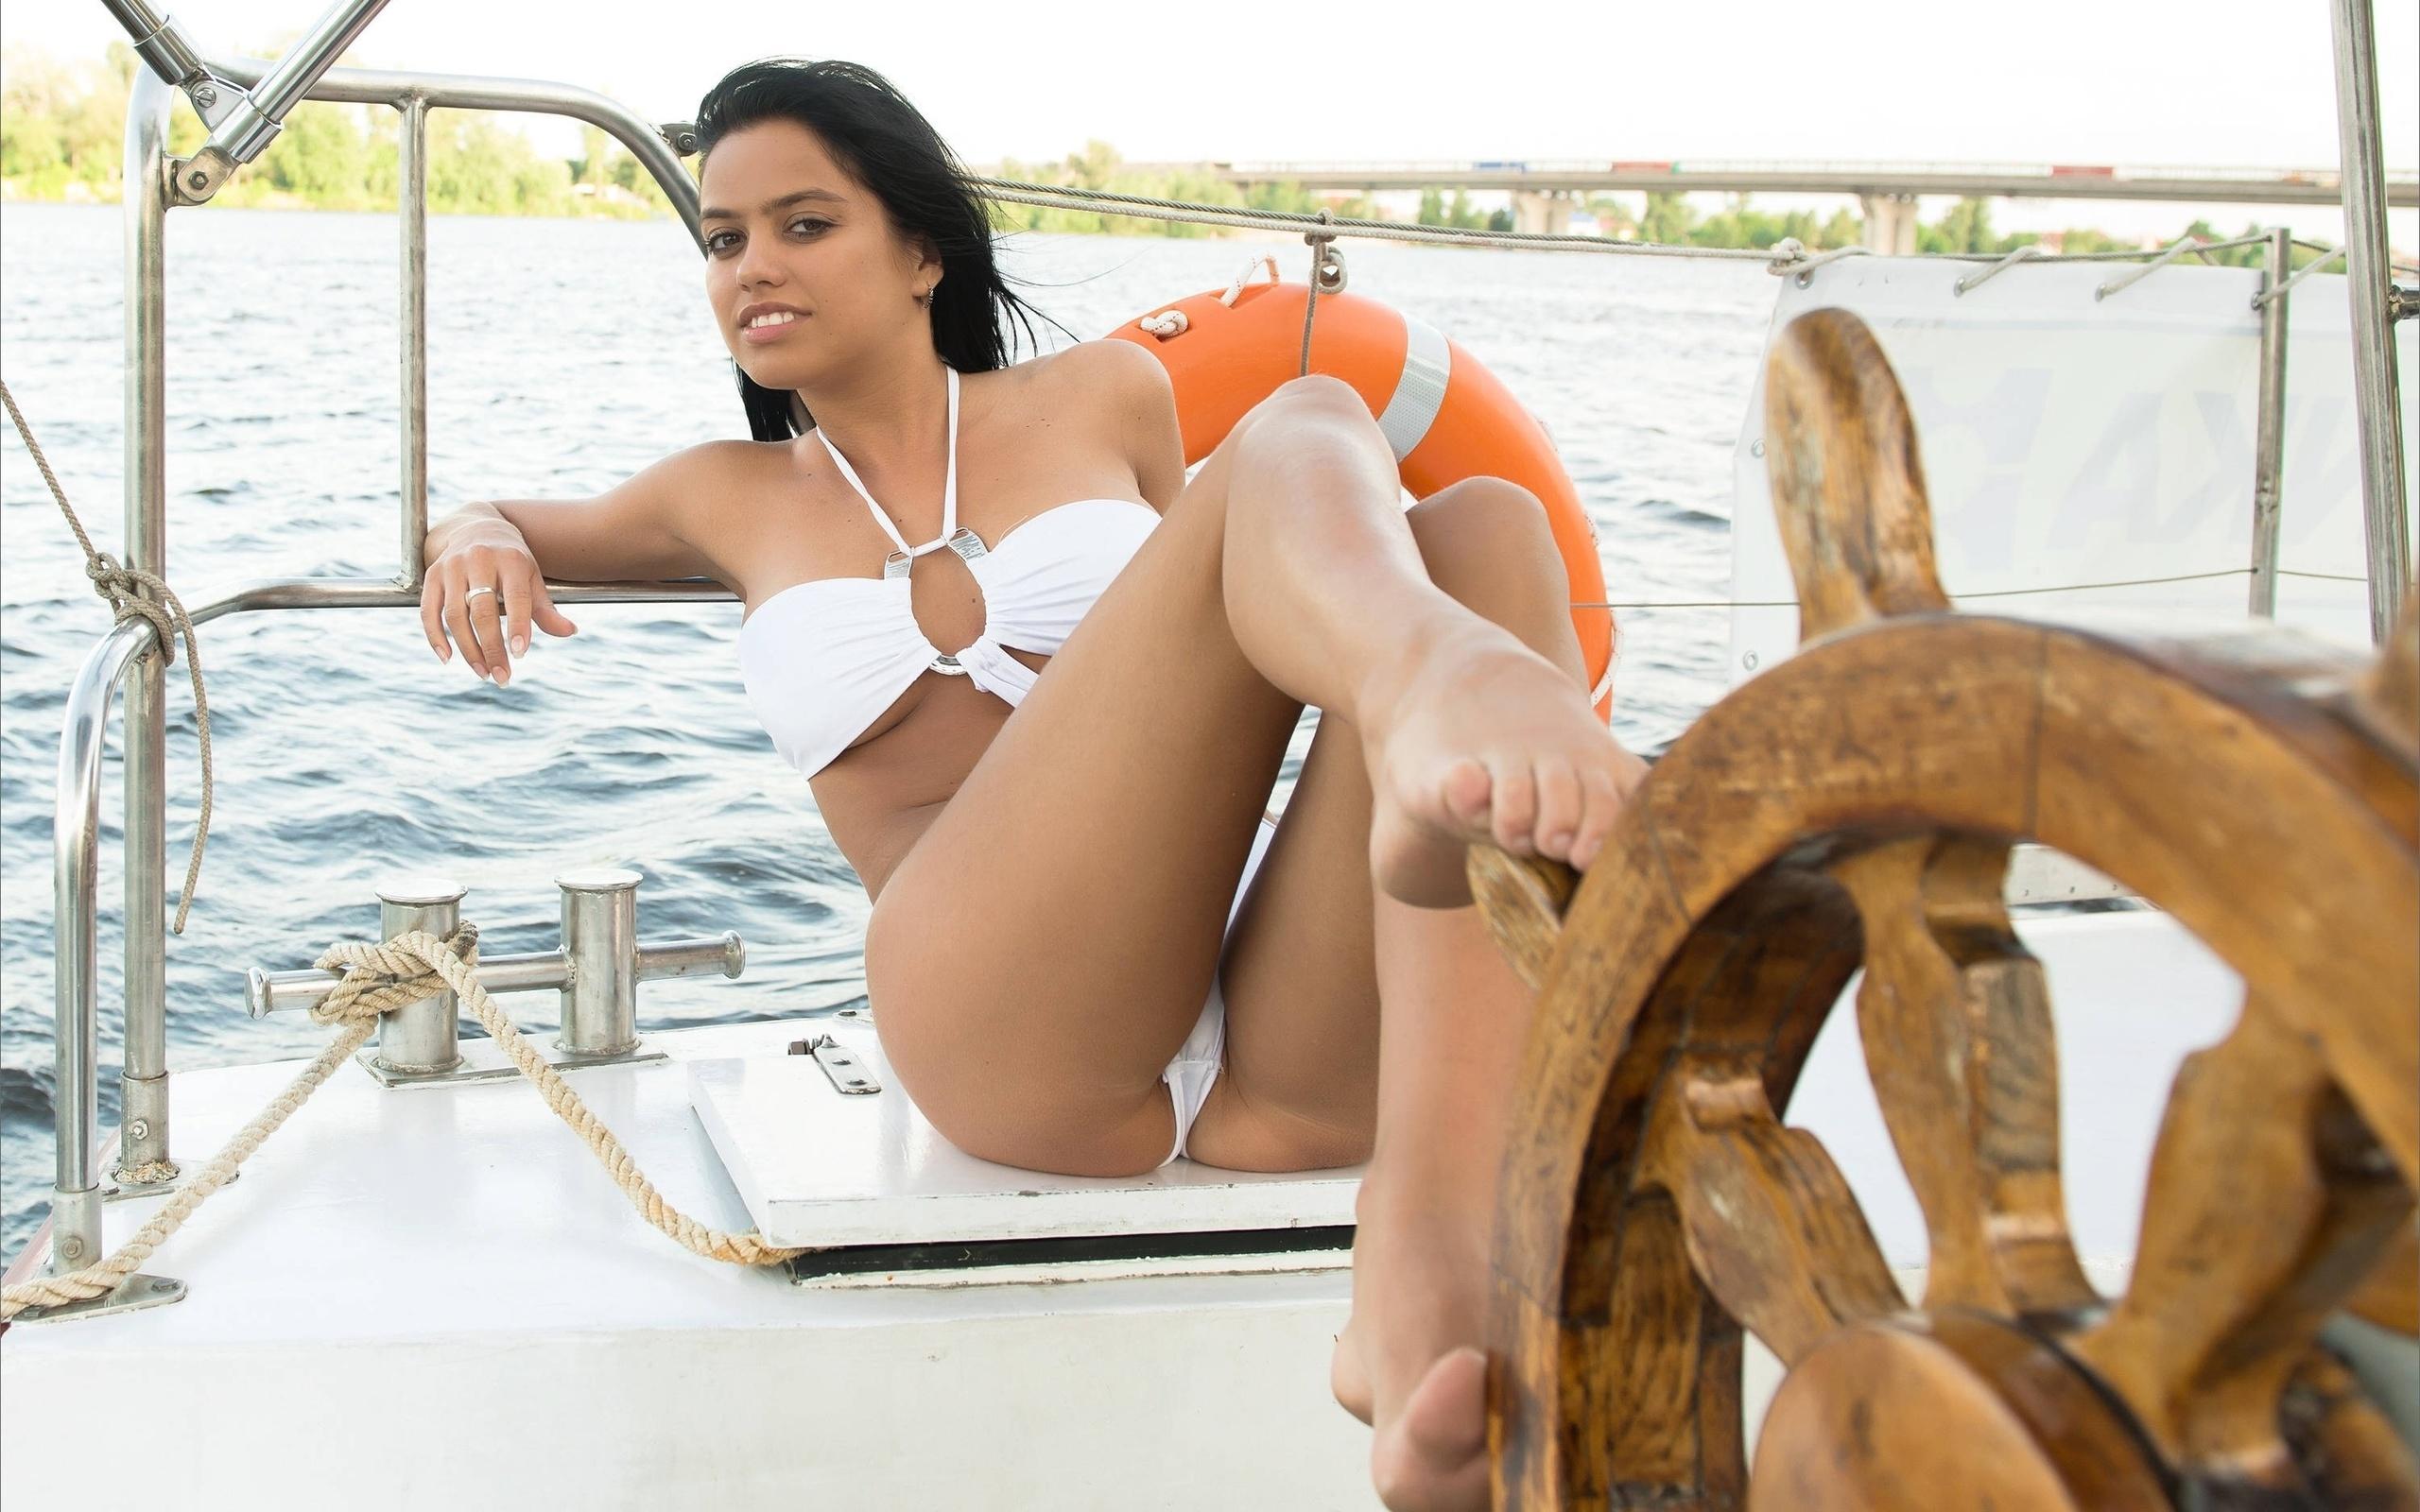 Моряком на яхте с видео смотреть секс